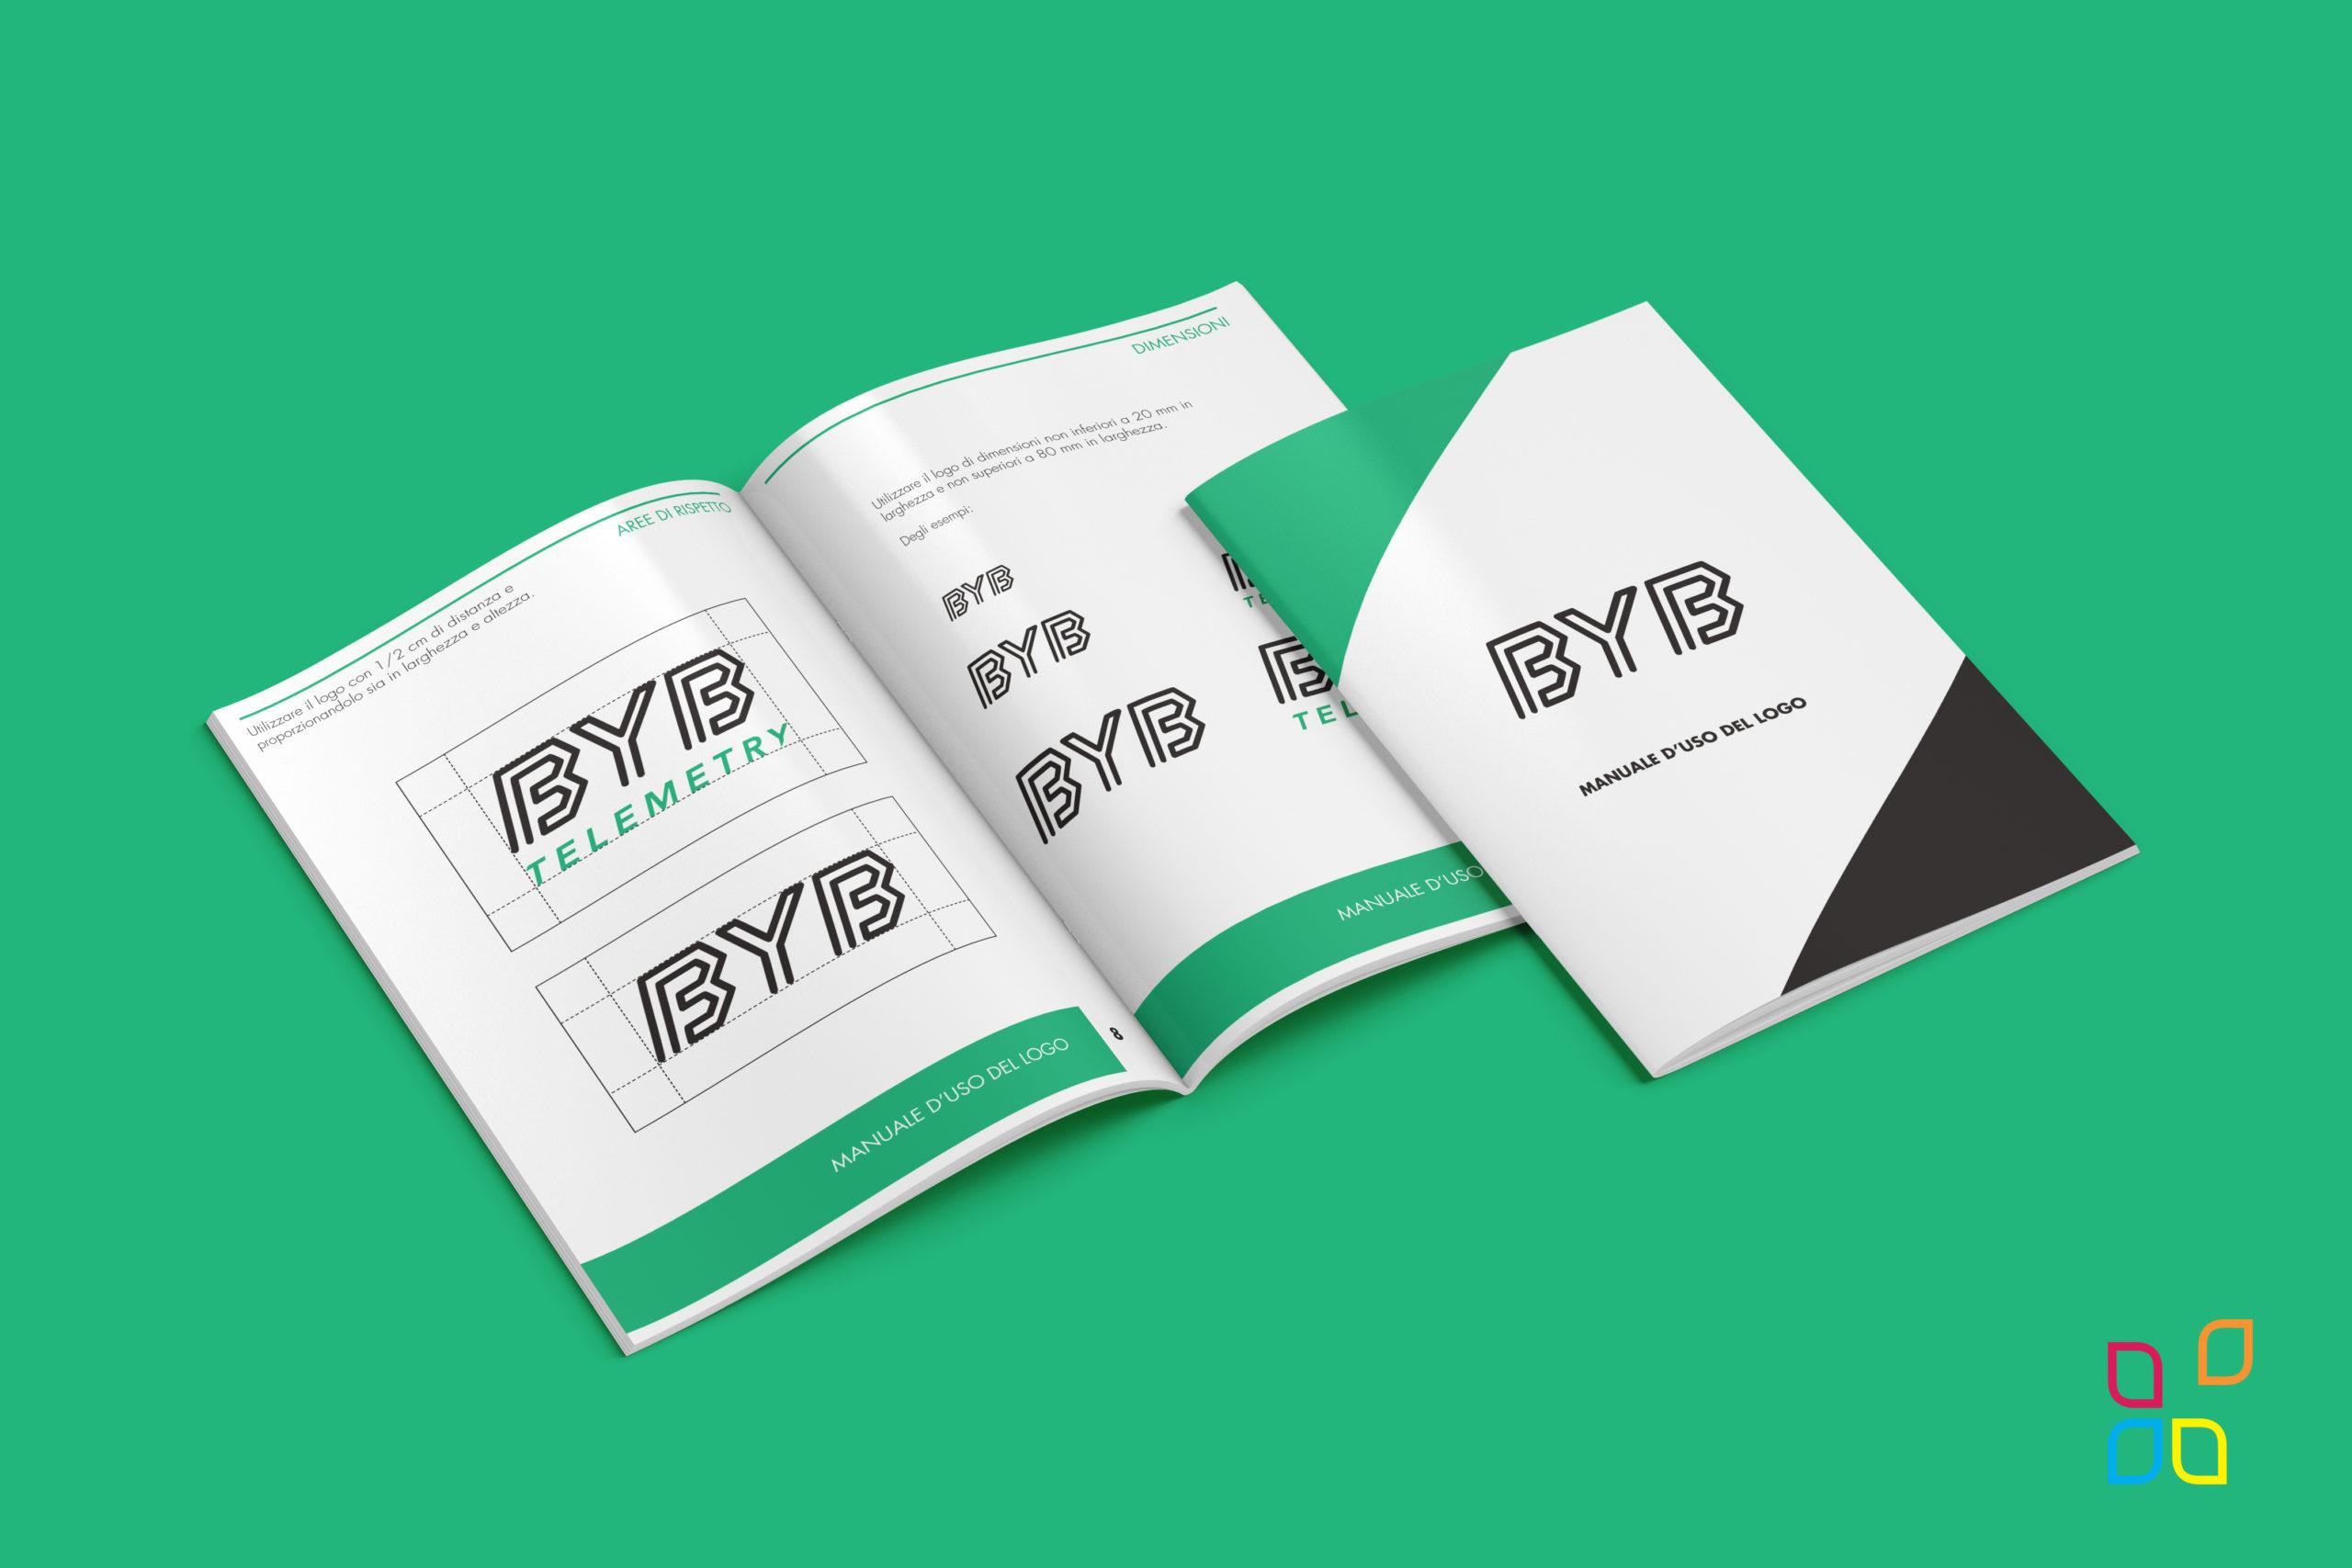 Creazione brand identity per Byb Brescia